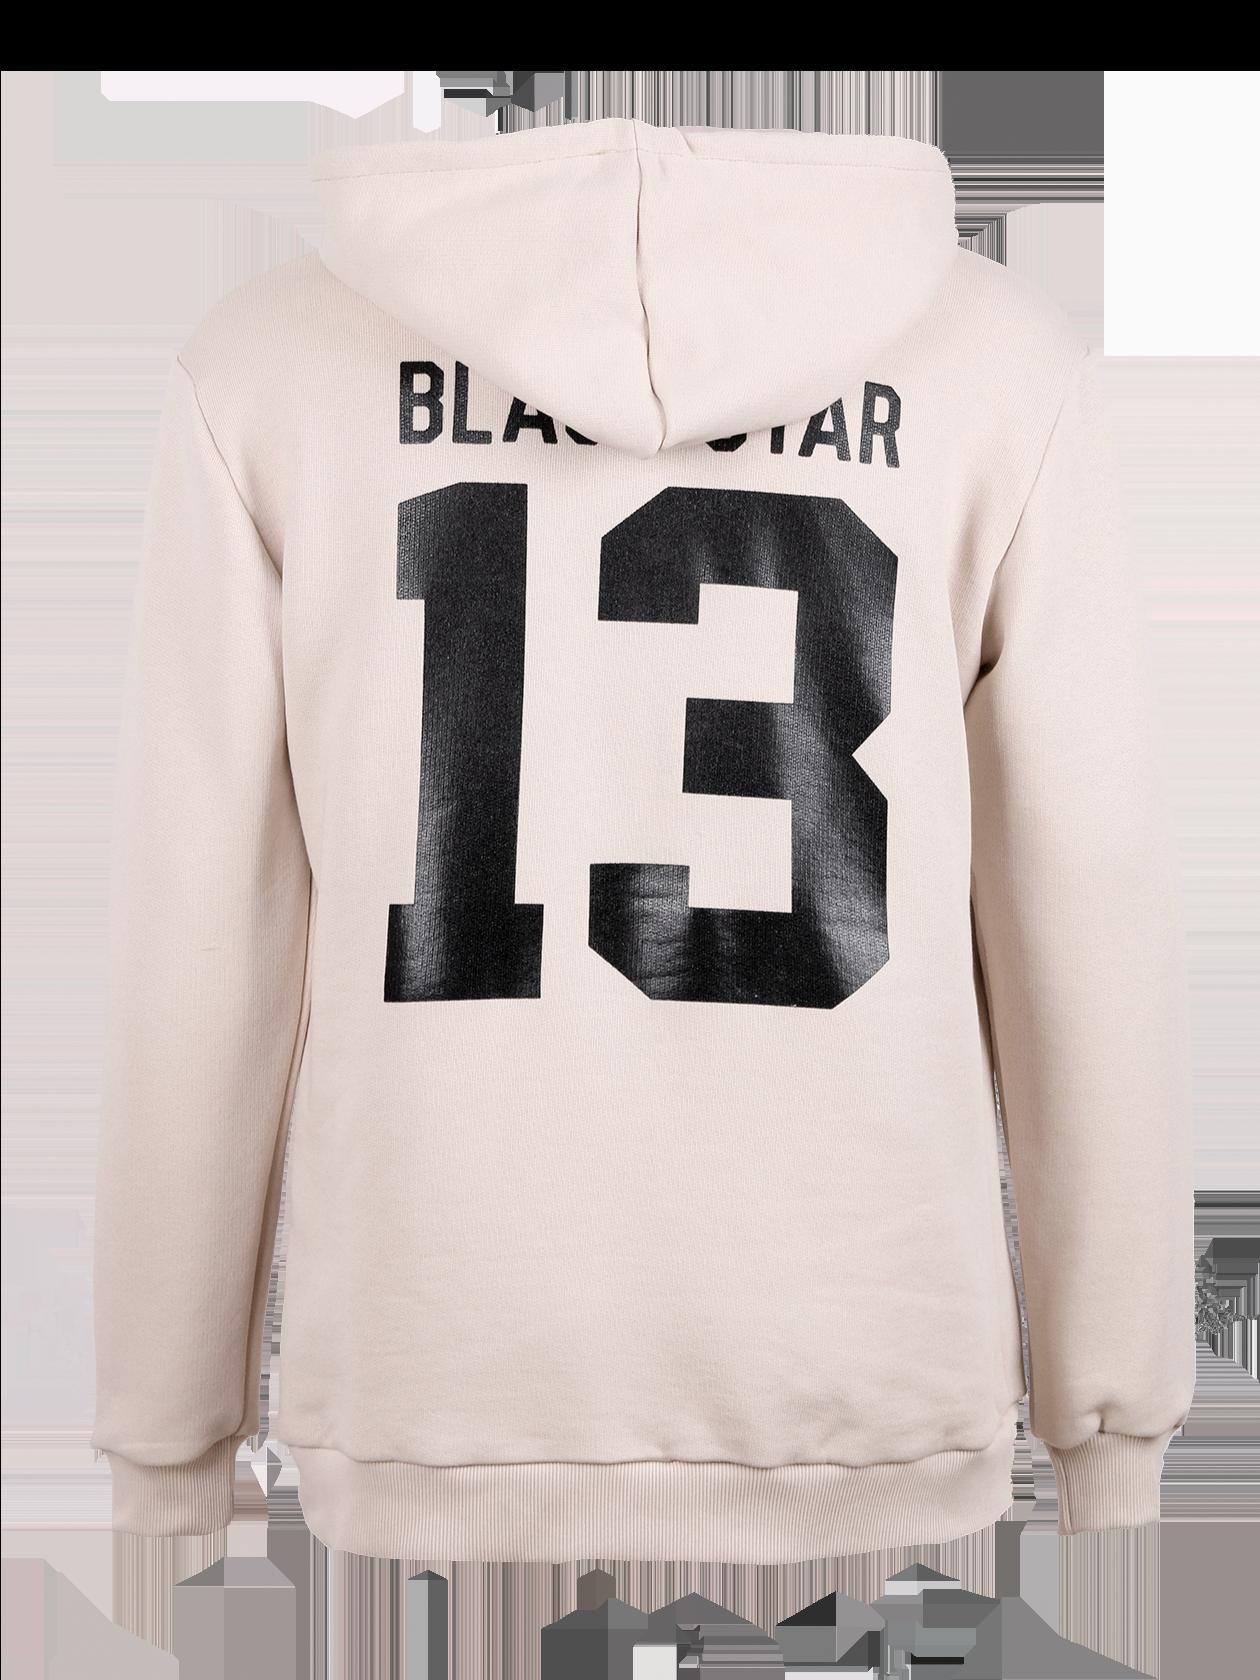 Костюм спортивный мужской BlackStar 13Костюм спортивный мужской Blackstar 13 в приятном цвете слоновой кости – стильная и практичная вещь в гардеробе активного мужчины. Толстовка с капюшоном на завязках удлиненного свободного кроя. Манжеты и нижний край отделаны эластичной трикотажной резинкой, на спине крупный принт Black Star 13. Штаны с широким поясом на завязках, снизу оформлены эластичным трикотажем. У левого кармана принт Black Star 13. Изделие из мягкого бленда хлопка и эластана отличается высоким качеством и носкостью.<br><br>Размер: XL<br>Цвет: Бежевый<br>Пол: Мужской